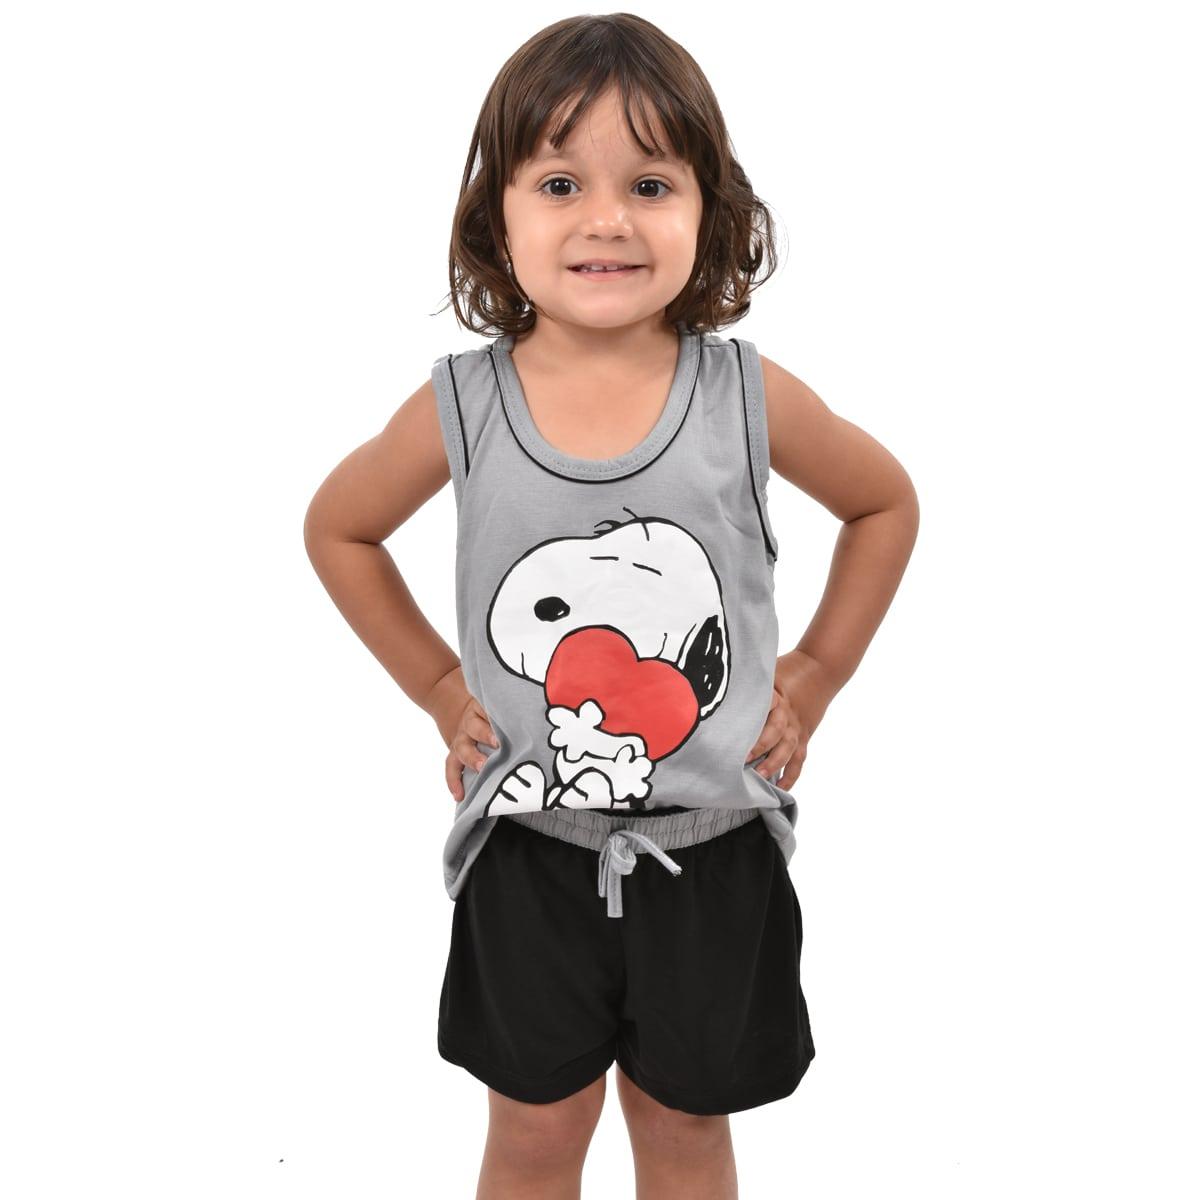 Baby Doll Short Doll Regata Snoopy Família Infantil Feminino Menina 329